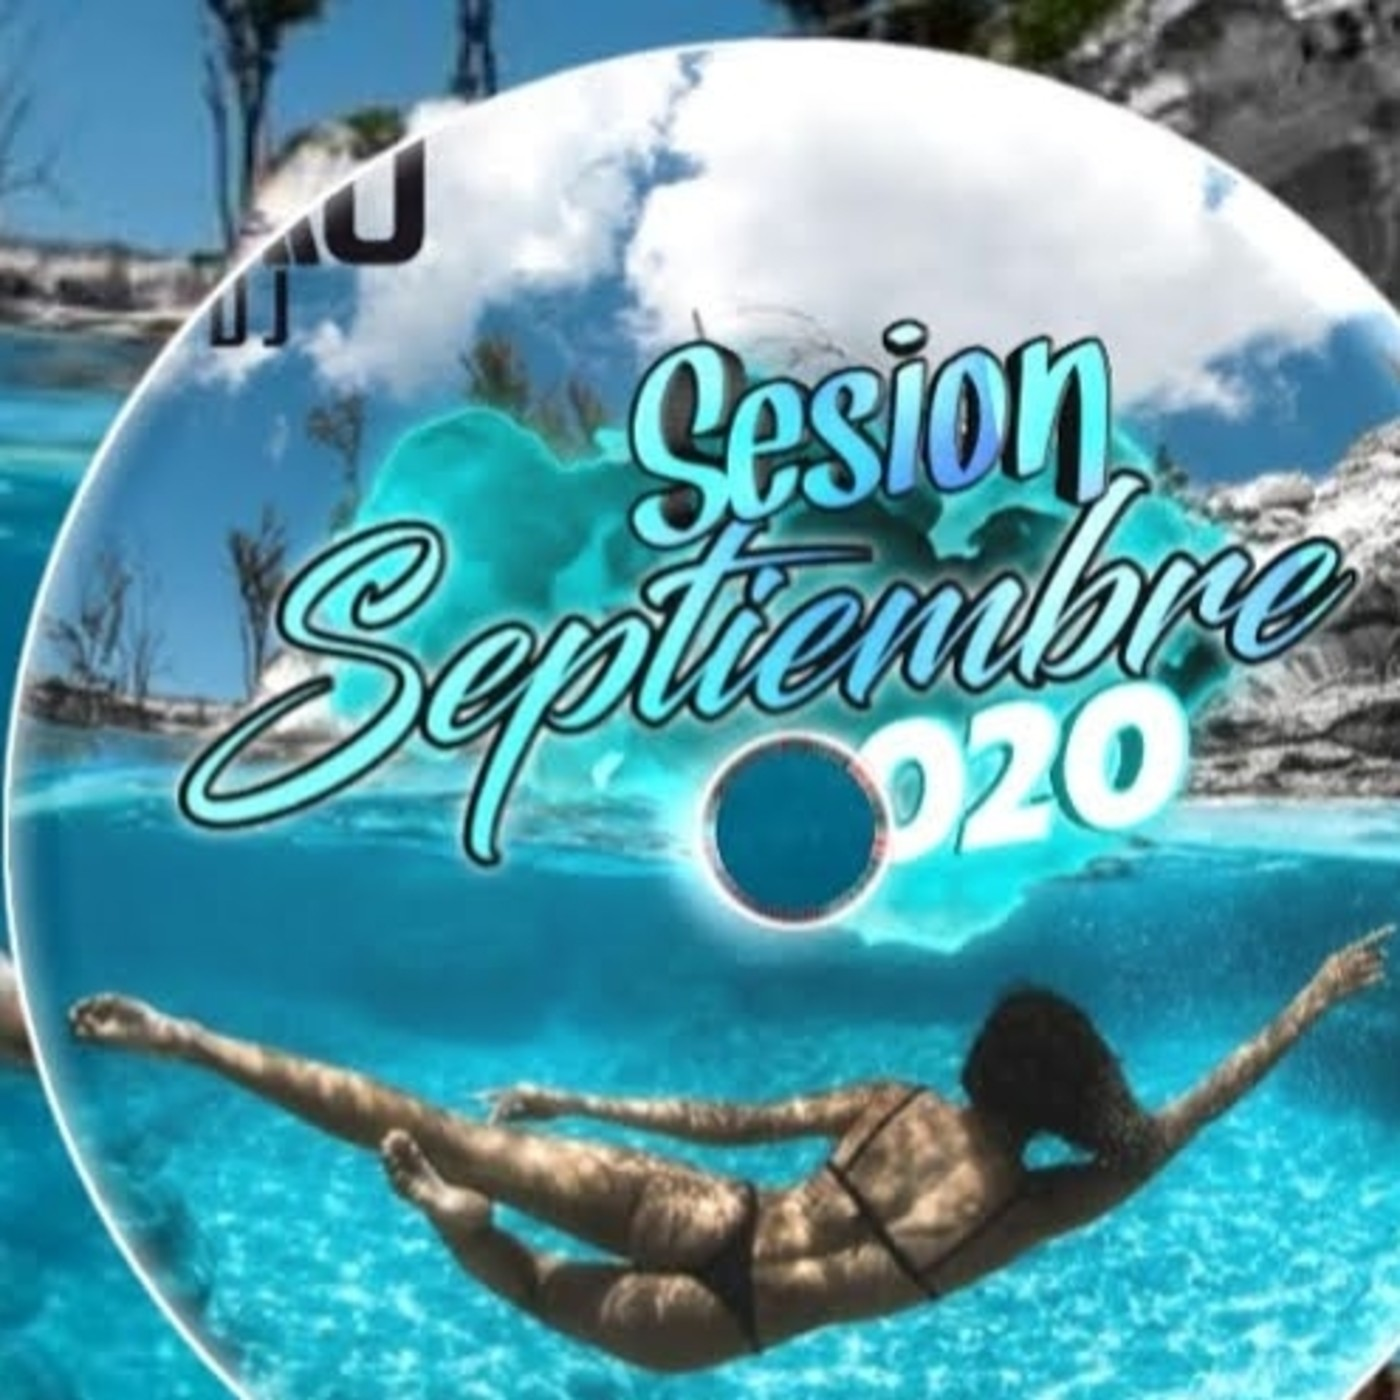 sesion-reggaeton-septiembre-2020